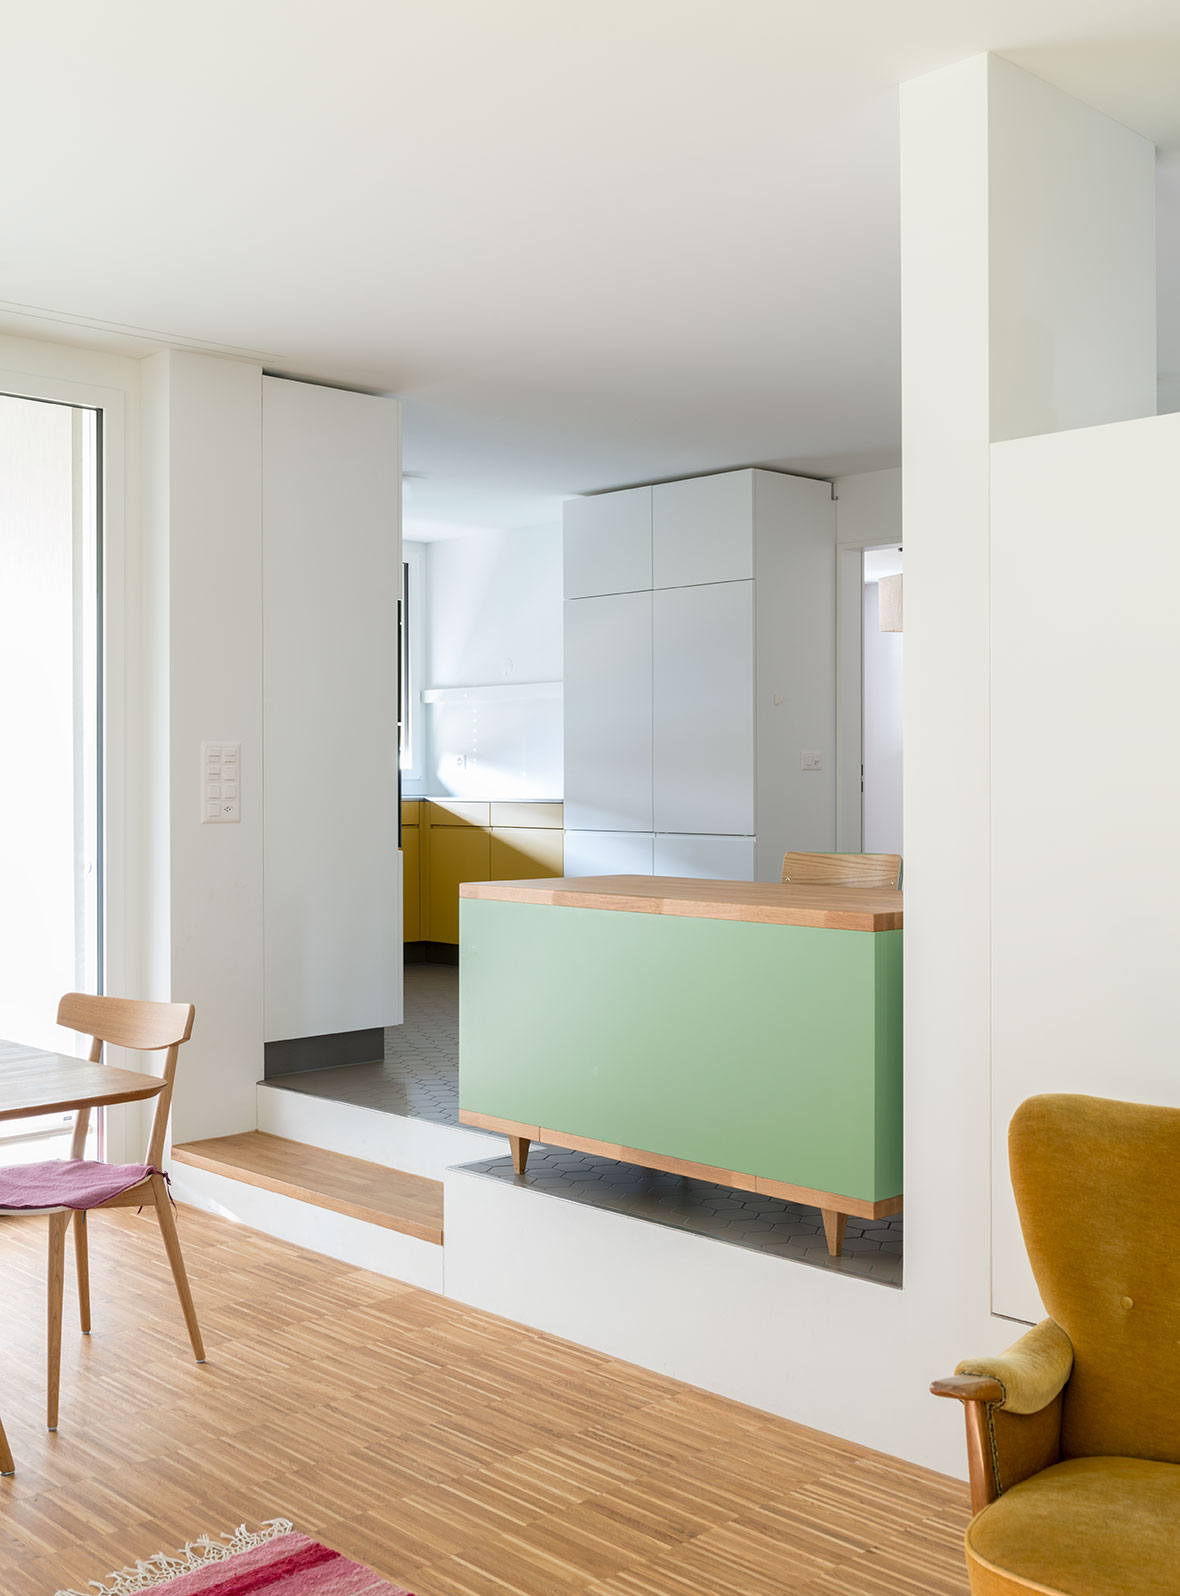 Wohnung-Essbereich mit Blick in die Küche